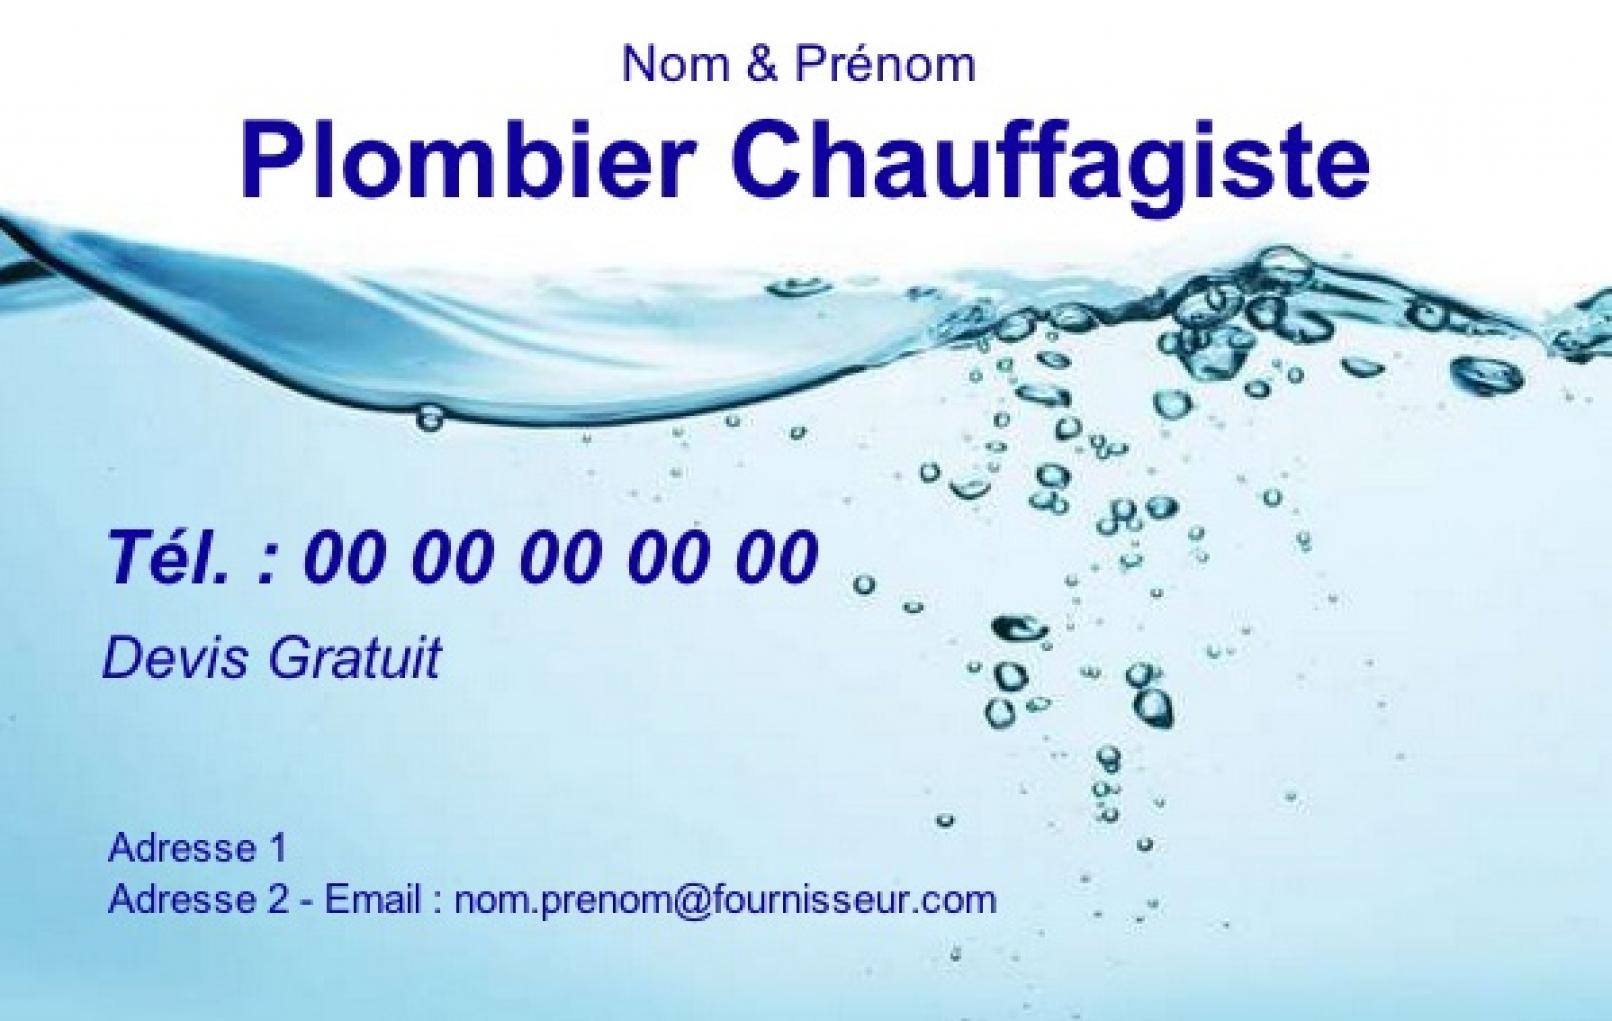 Plomberie Exemple Carte De Visite Plombier Chauffagiste Modle Gratuit Personnaliser En Ligne Pas Chre